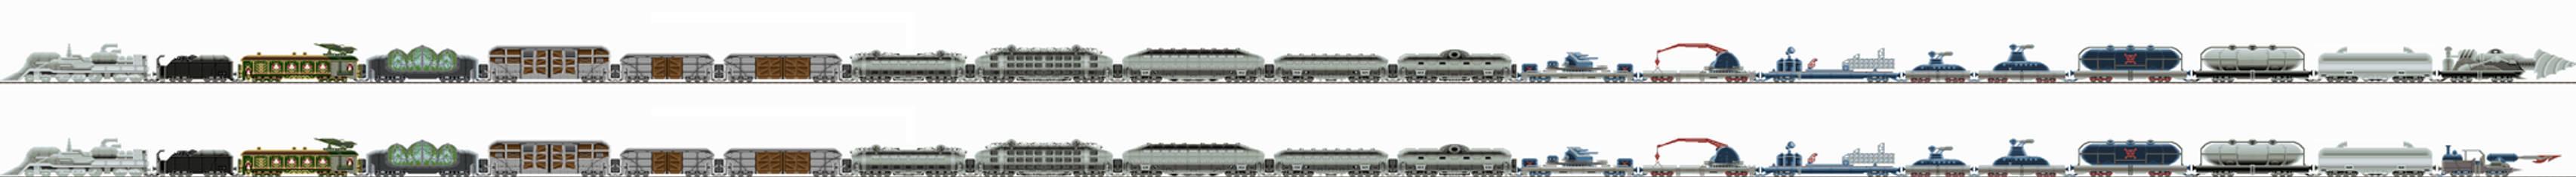 Transarctica Wagons